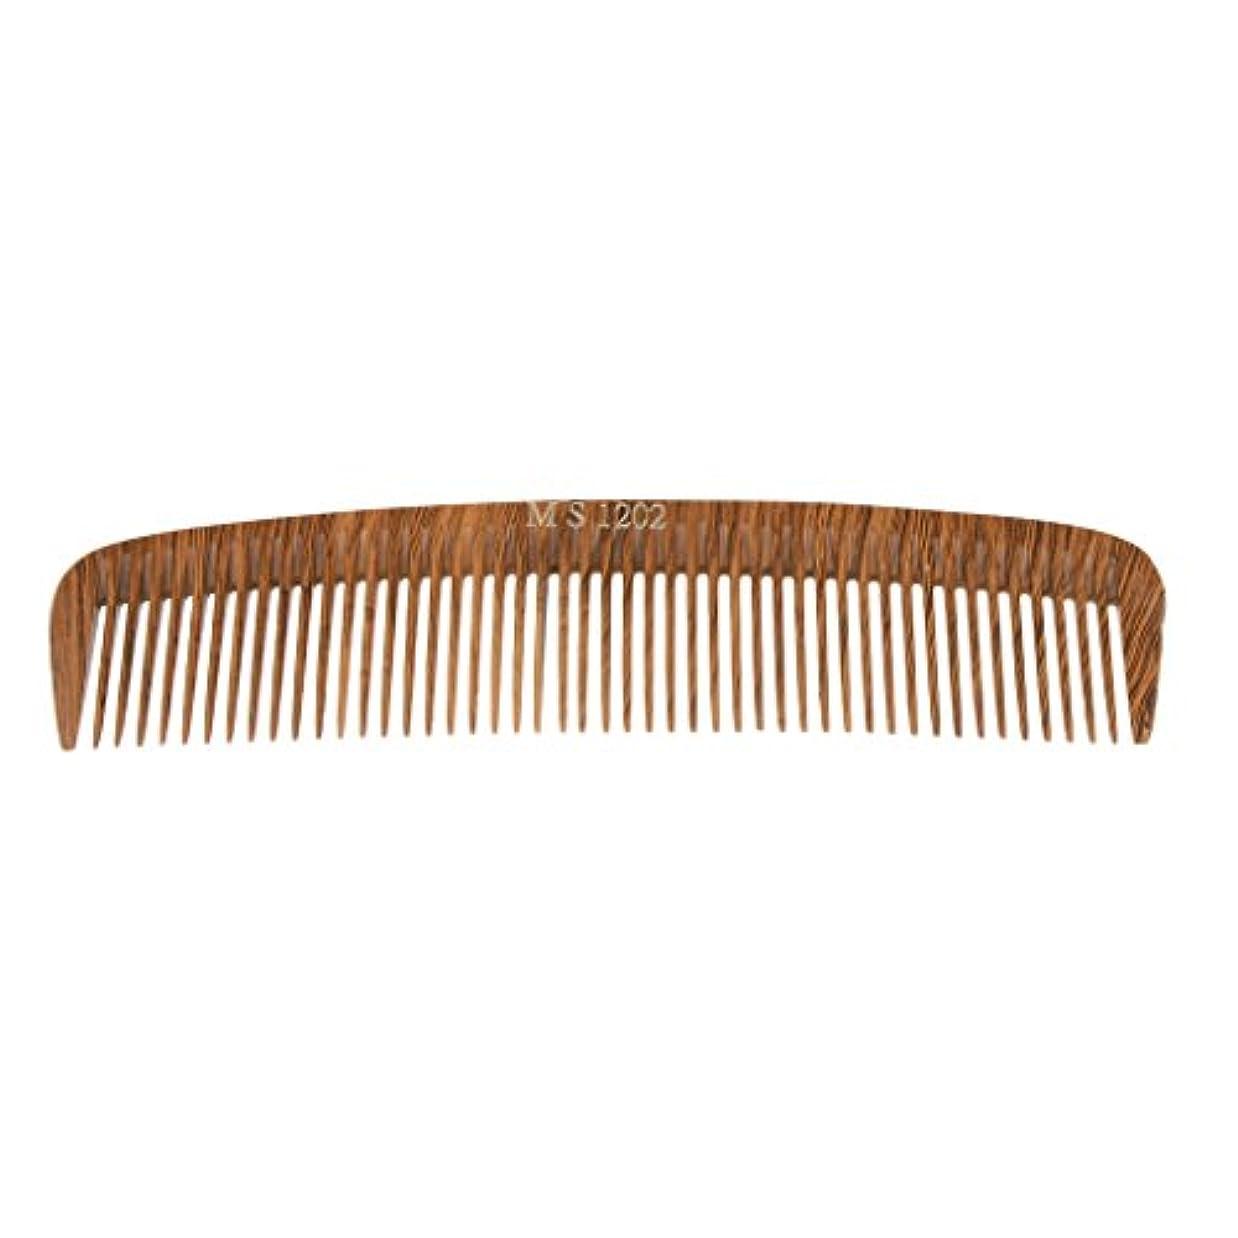 生き返らせる事業オーバーランヘアカットコーム コーム 木製櫛 くし ヘアブラシ ウッド 帯電防止 4タイプ選べる - 1202